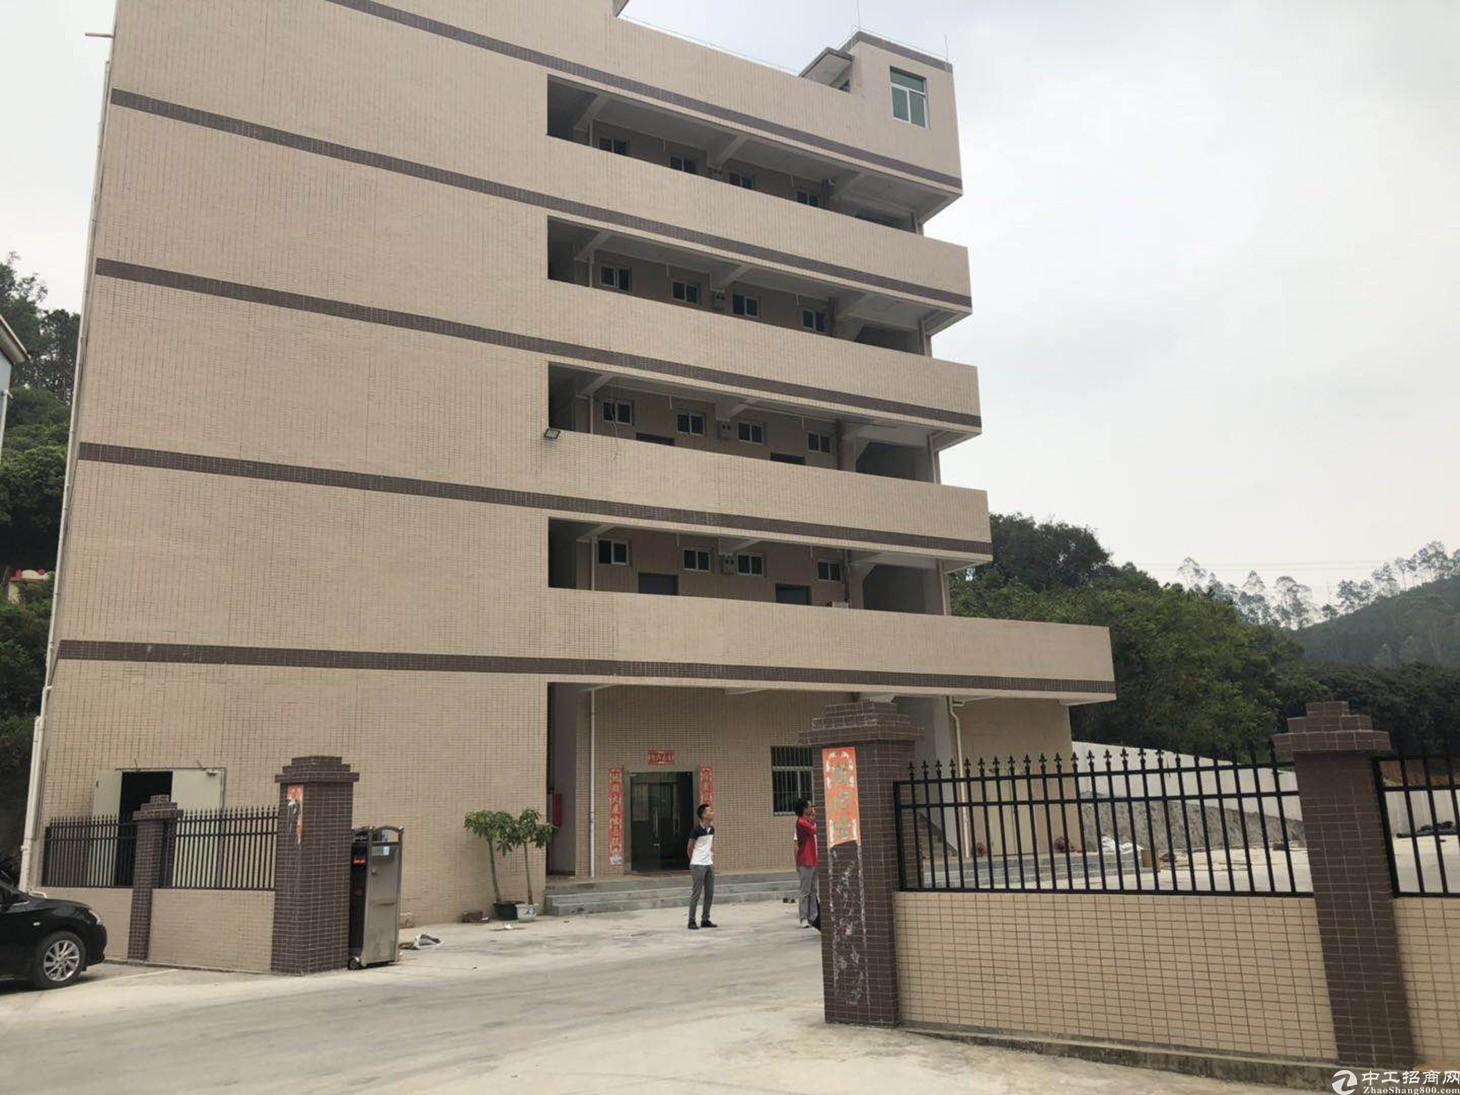 惠阳秋长高速路口旁一楼1200平方带塑胶环评厂房分租